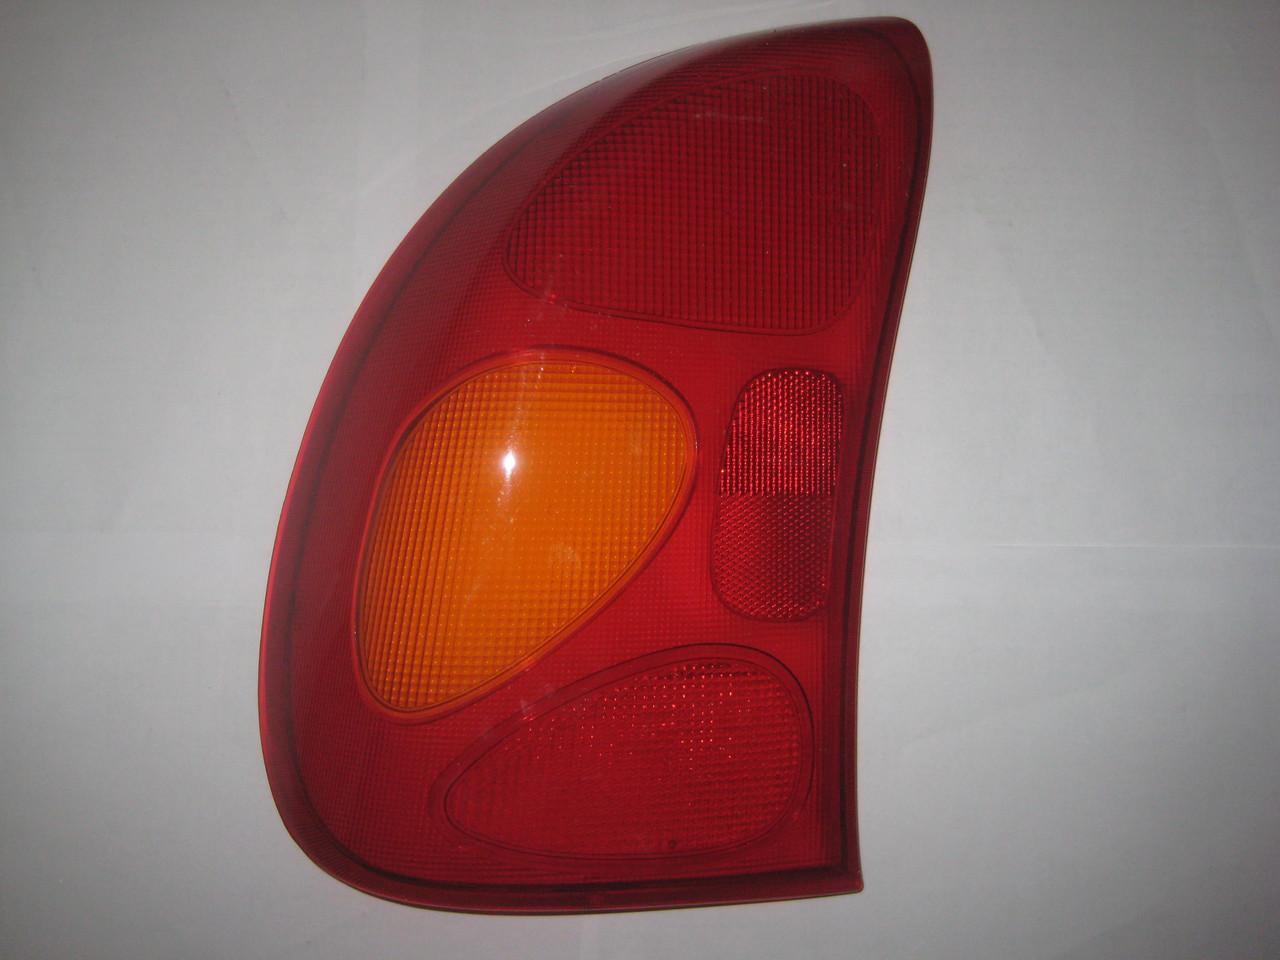 Стекло заднего левого фонаря Т-150 Daewoo Lanos Sens Деу Део Ланос Cенс АЭА